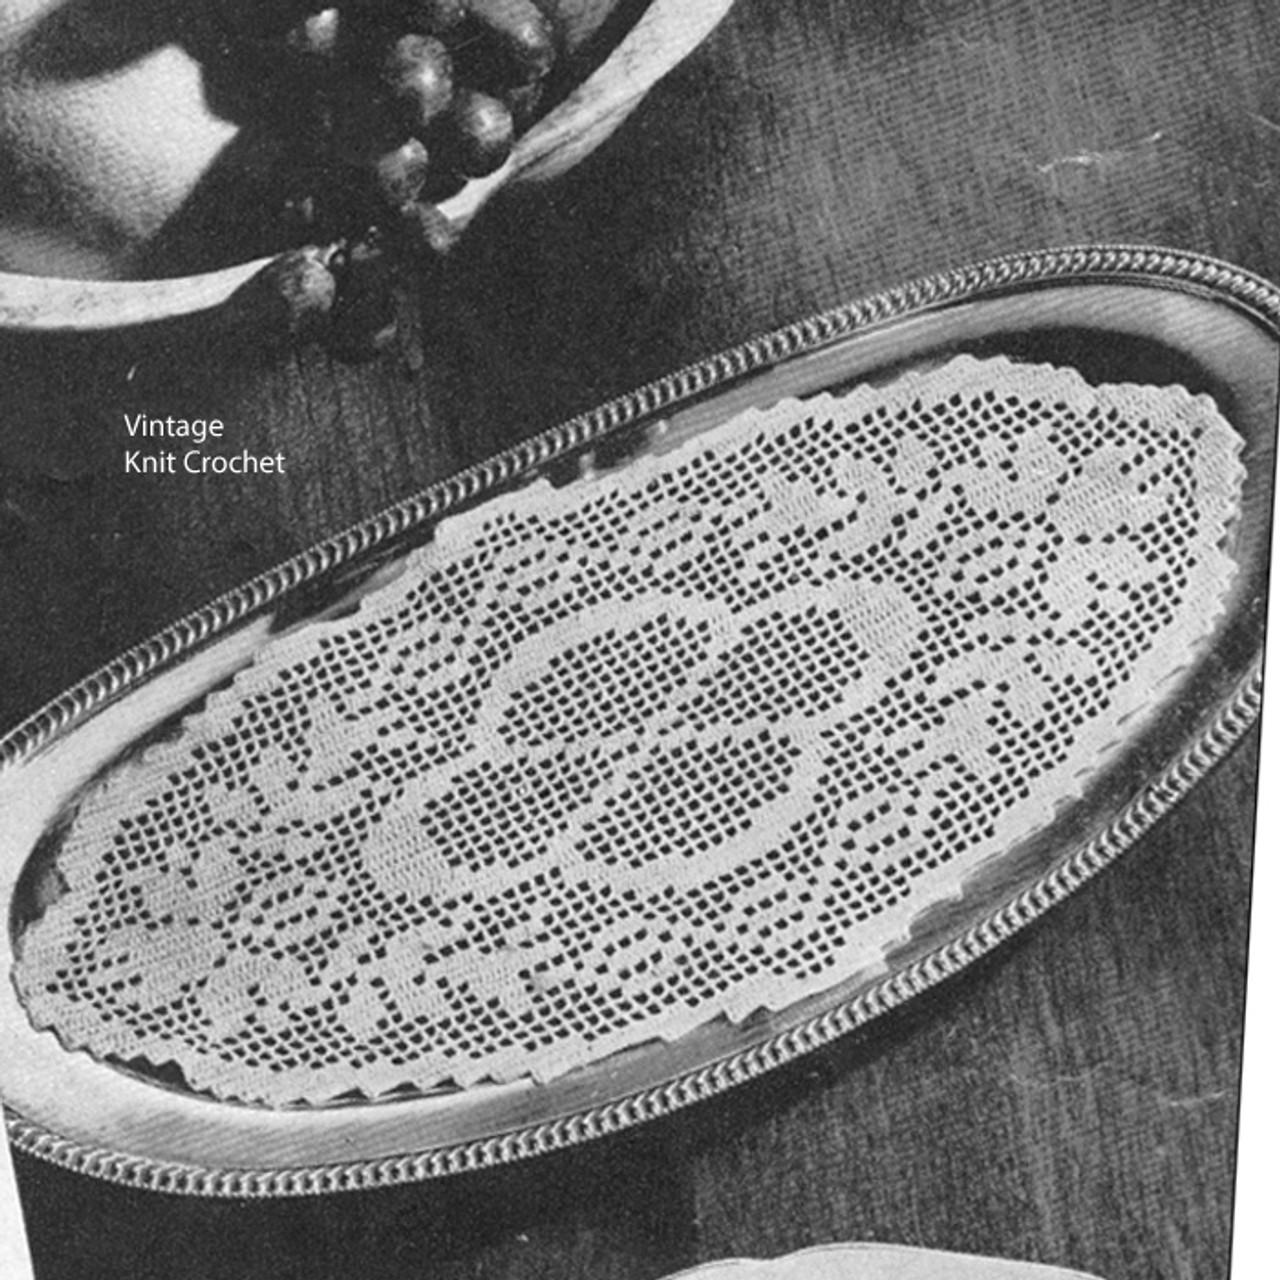 Filet Crocheted Oval Bread Tray Doily Pattern